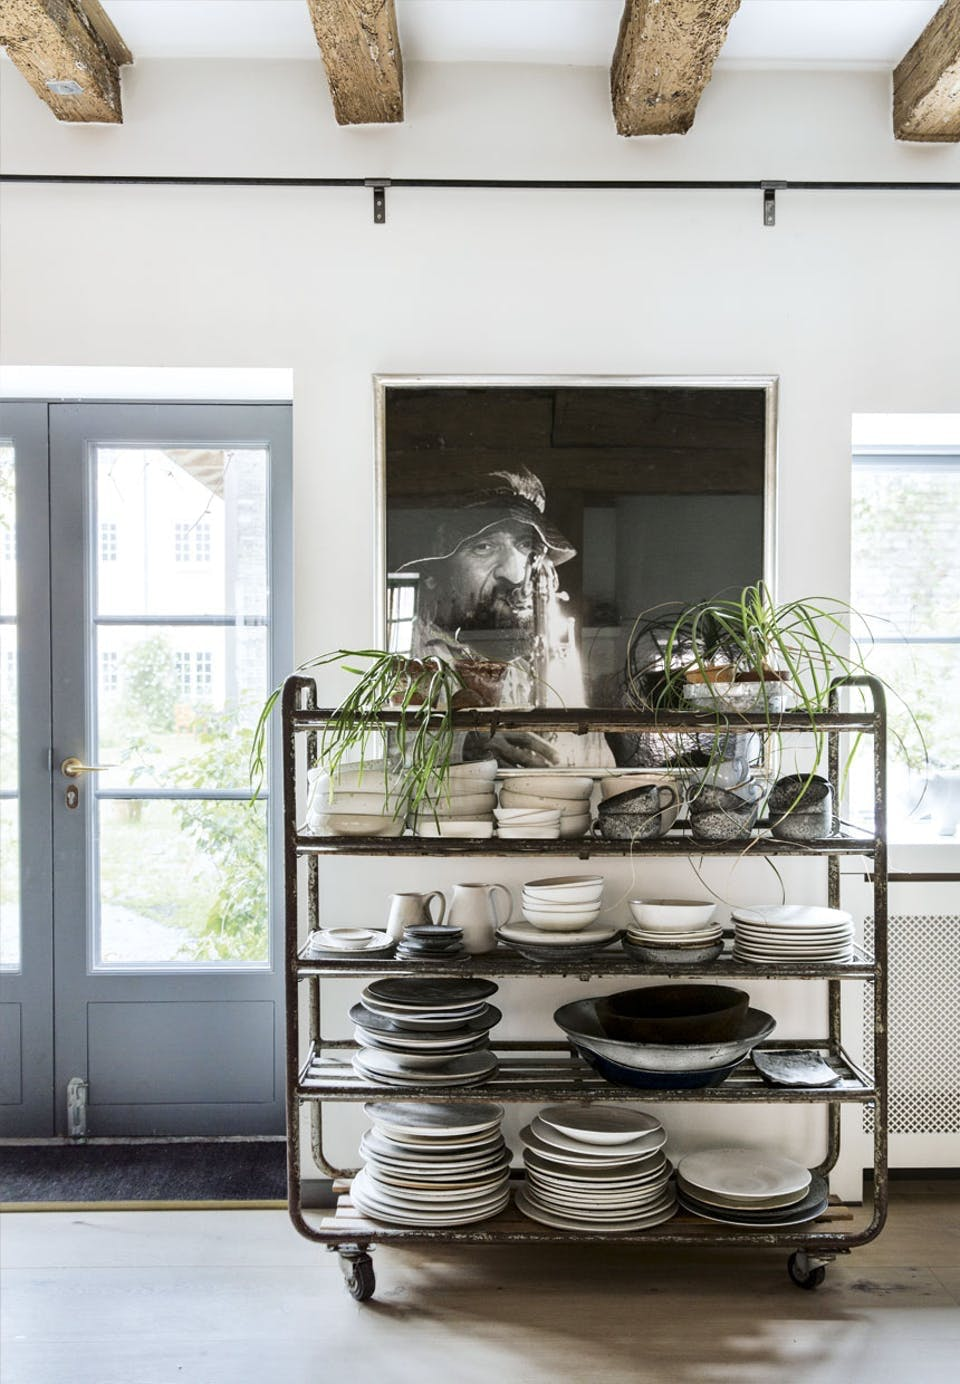 køkken med stort fotografi på væggen og en gammel rullevogn